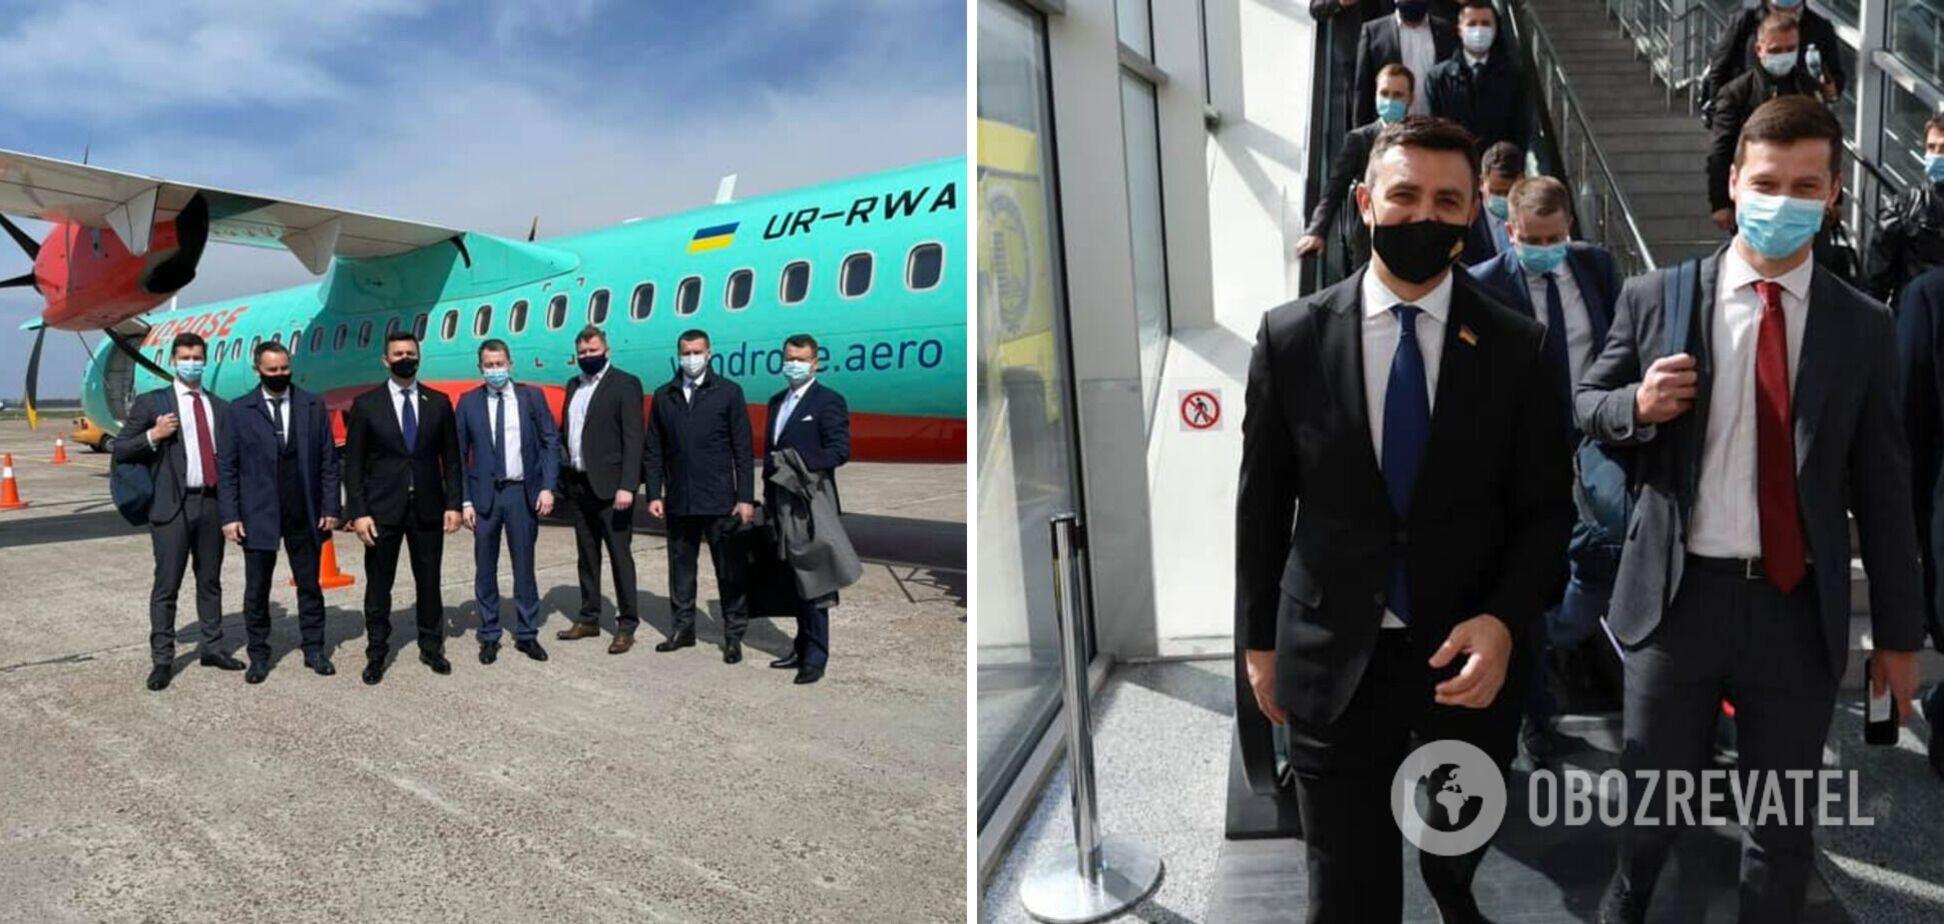 Тищенко вилетів в Ужгород на першому за 15 років літаку з Києва, але довелося добиратися поїздом. Фото та відео